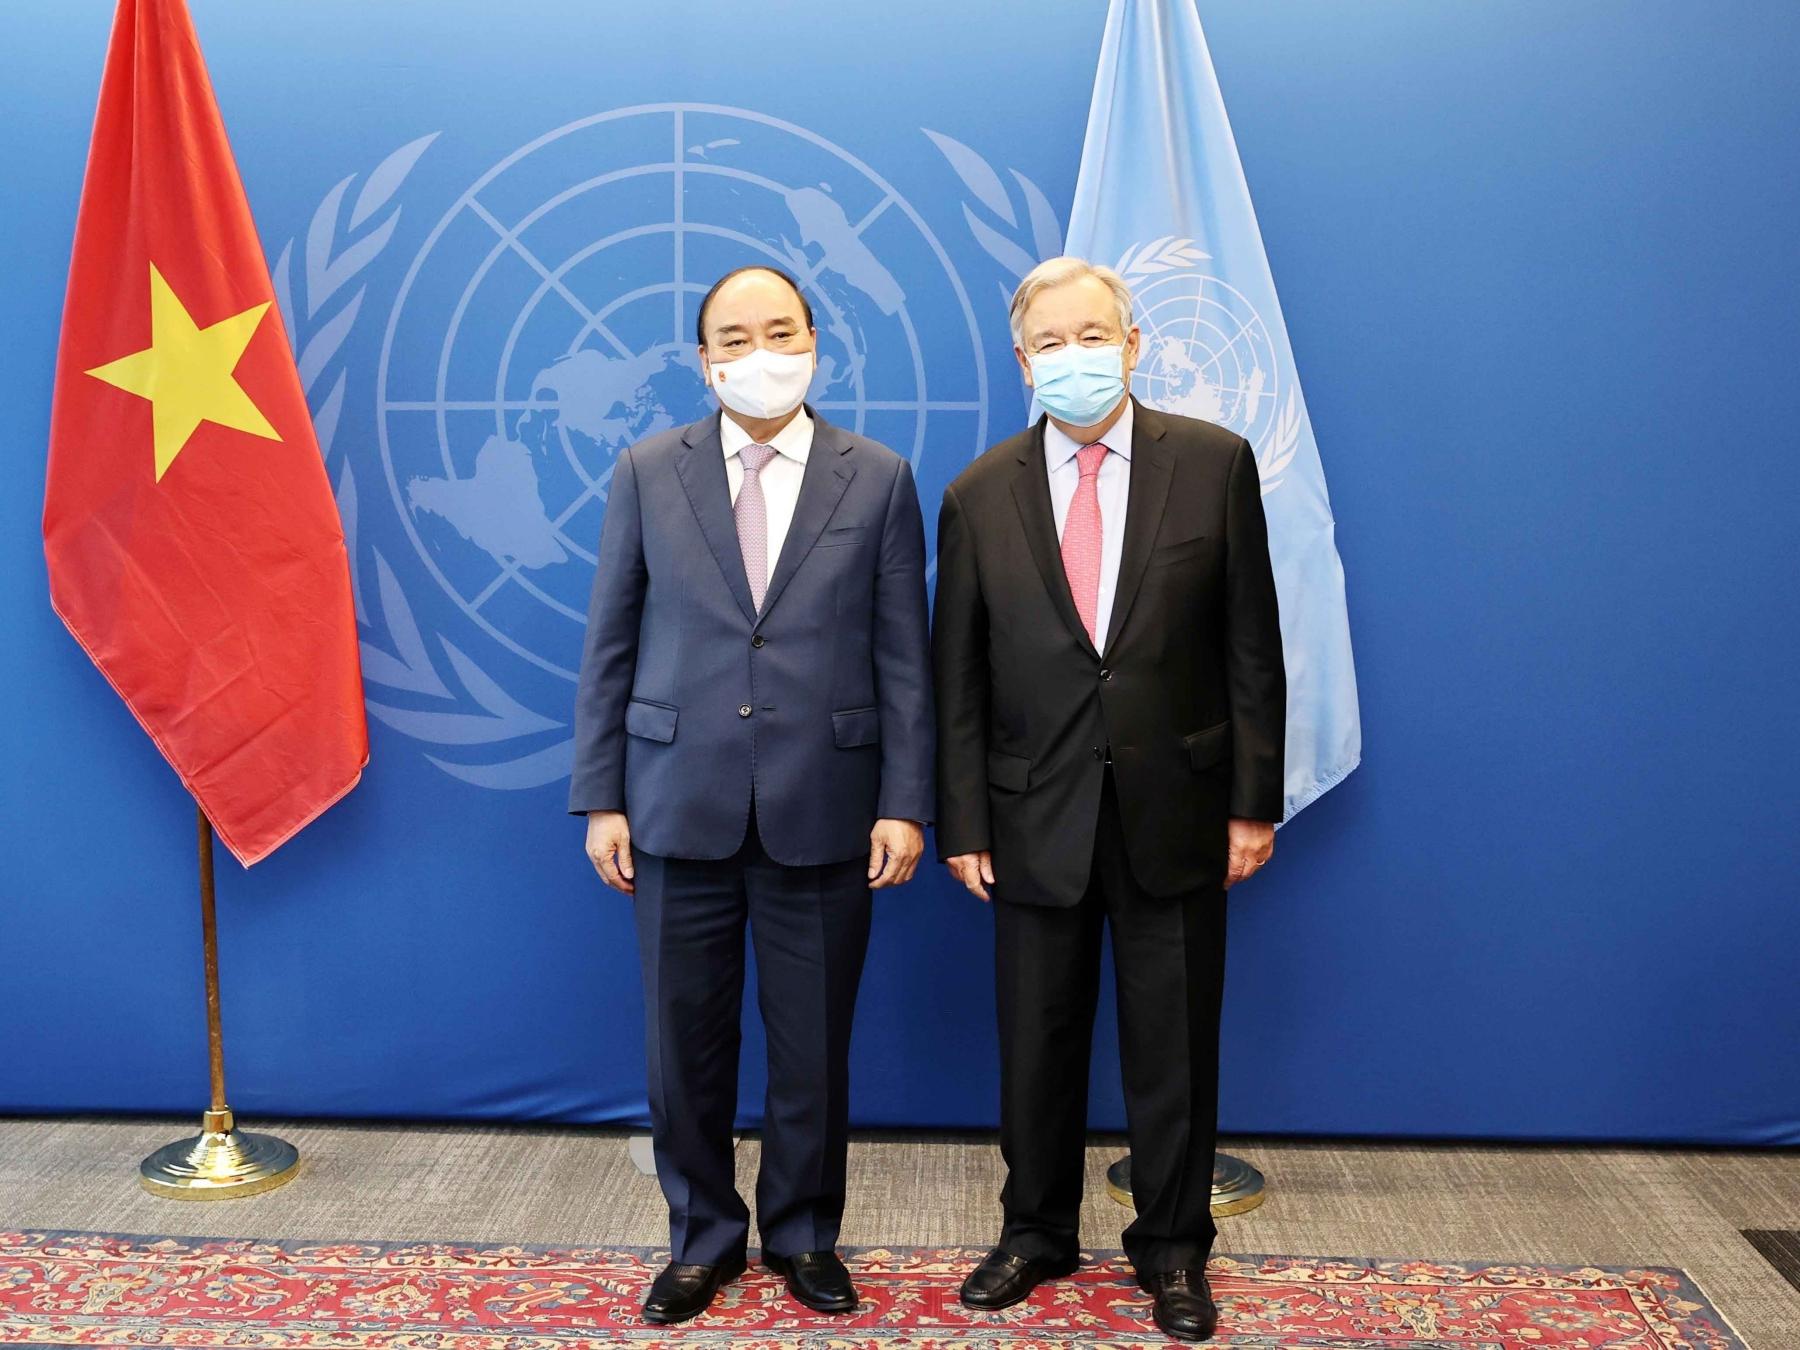 Chủ tịch nước Nguyễn Xuân Phúc (trái) gặp Tổng thư ký Liên Hợp Quốc Antonio Guterres hôm 21/9. Ảnh: TTXVN.